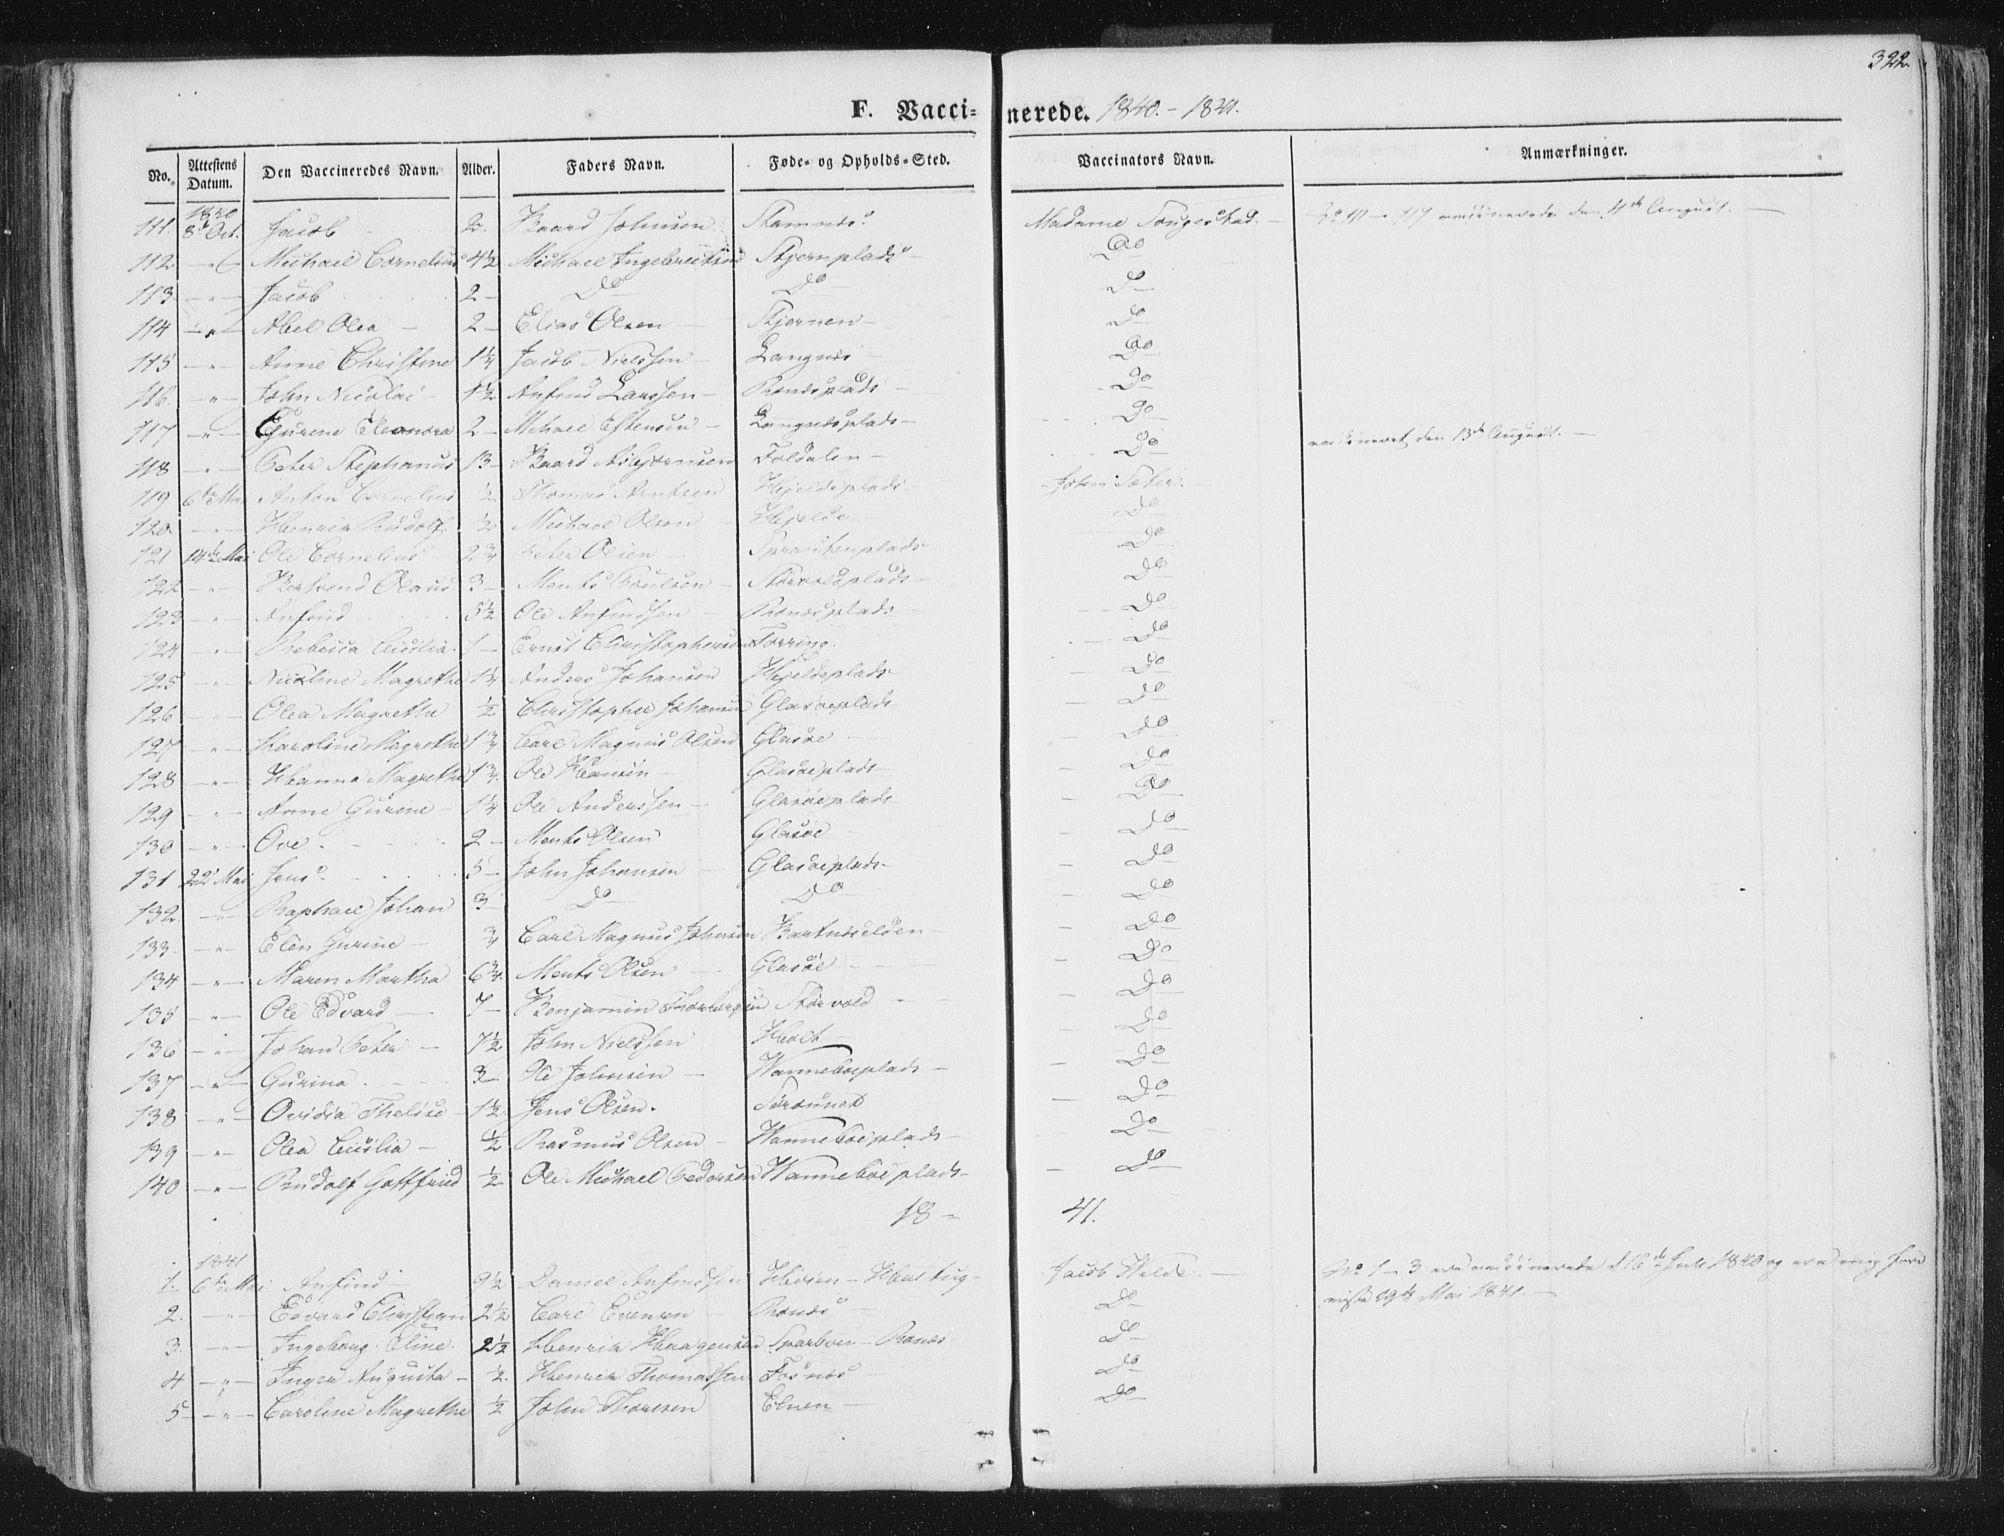 SAT, Ministerialprotokoller, klokkerbøker og fødselsregistre - Nord-Trøndelag, 741/L0392: Ministerialbok nr. 741A06, 1836-1848, s. 322